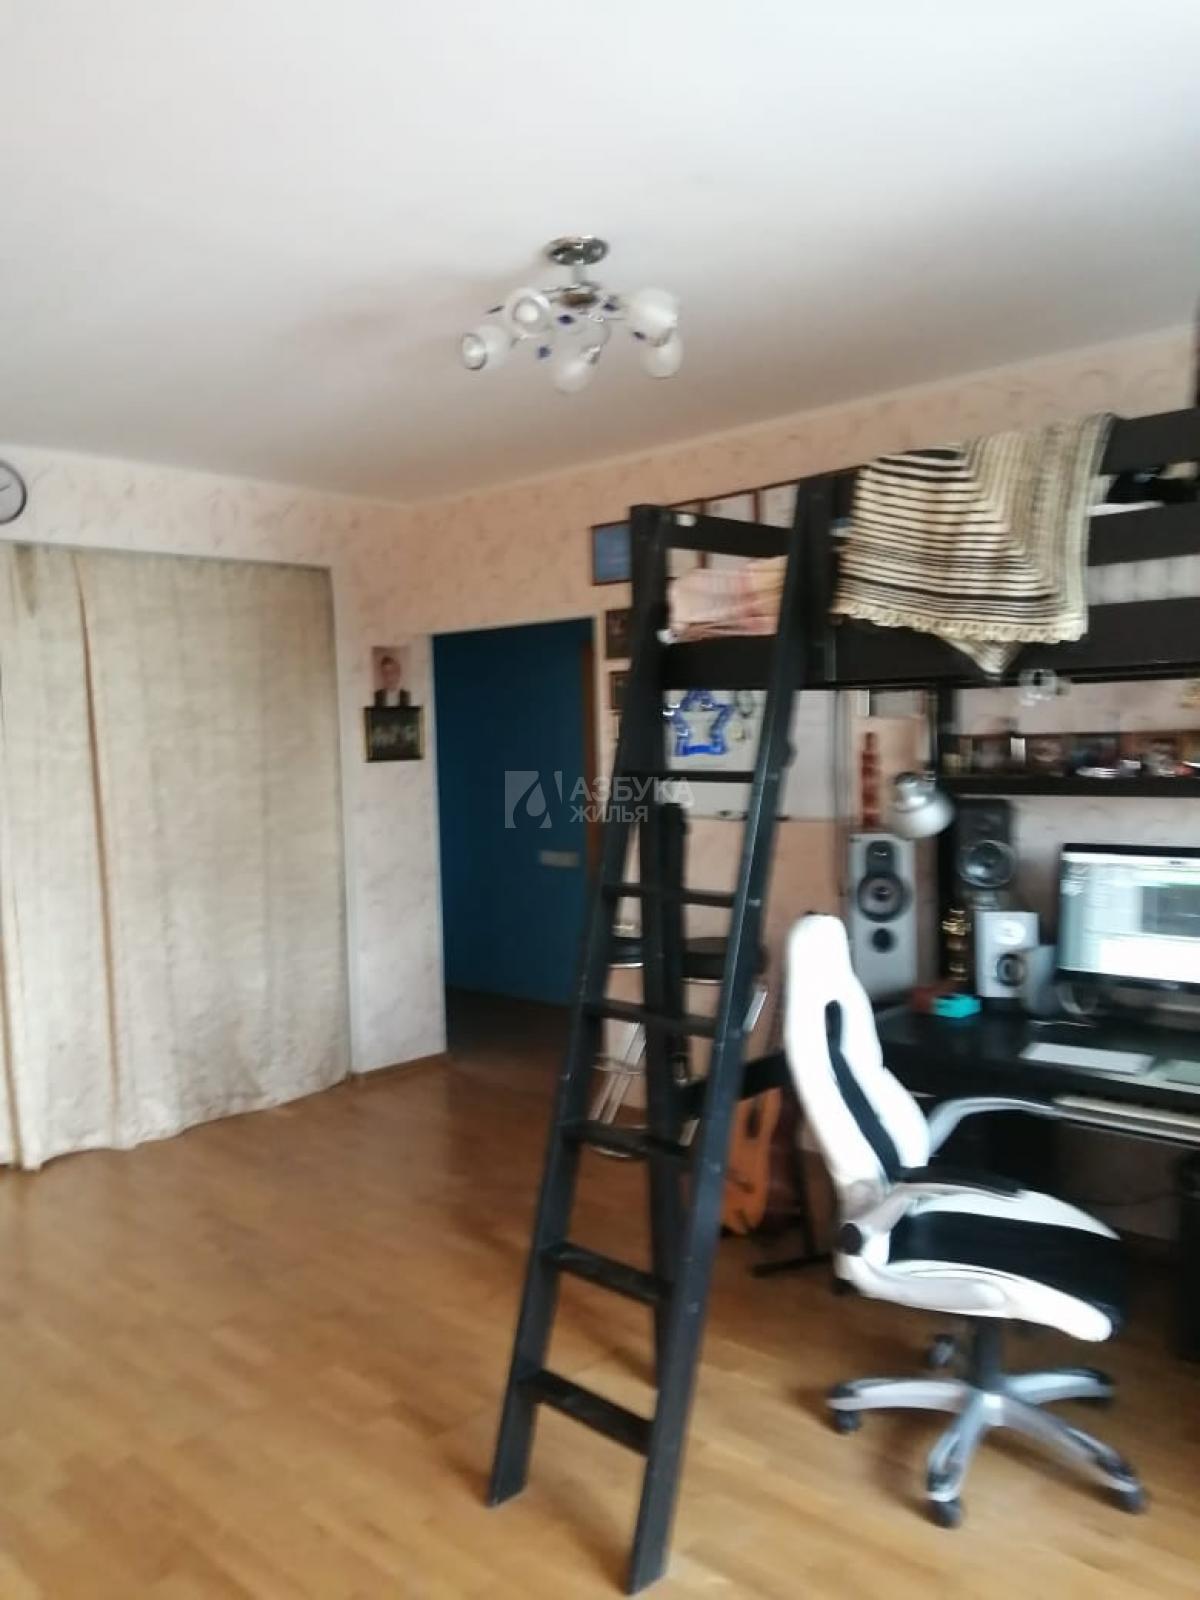 Фото №4 - 3-комнатная квартира, Одинцово, Можайское шоссе 80 корпус А, метро Кунцевская